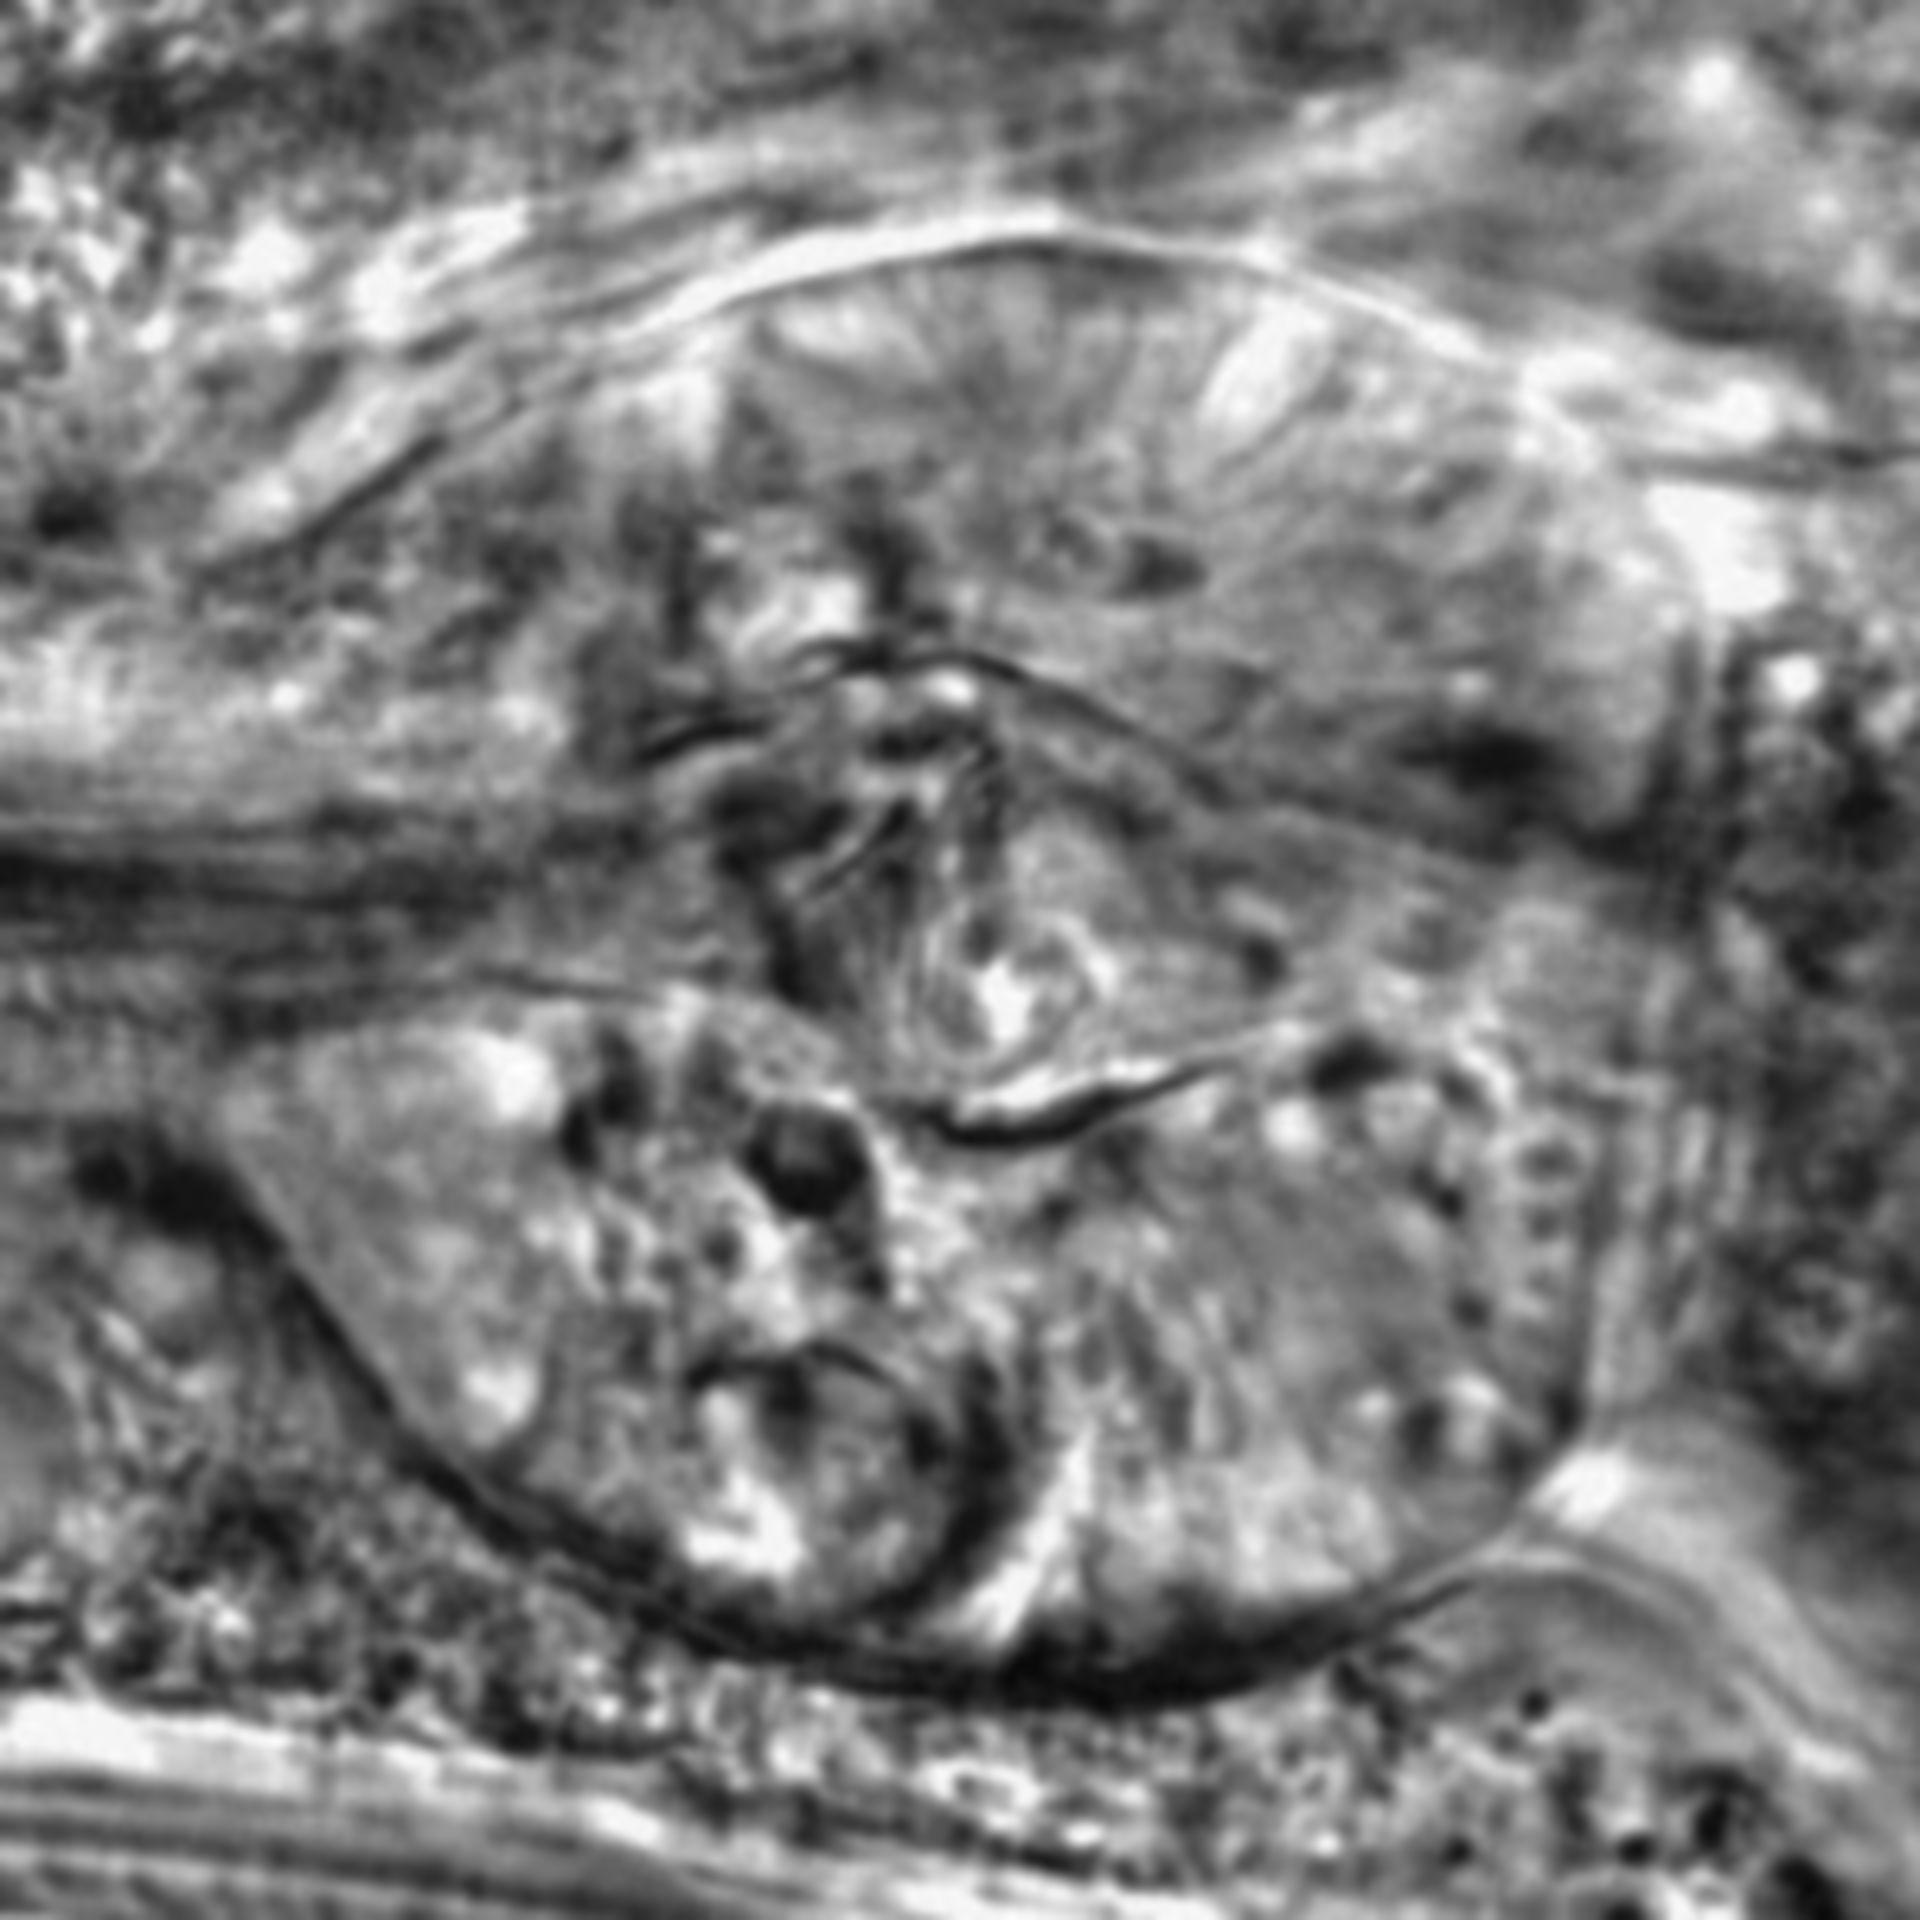 Caenorhabditis elegans - CIL:2804